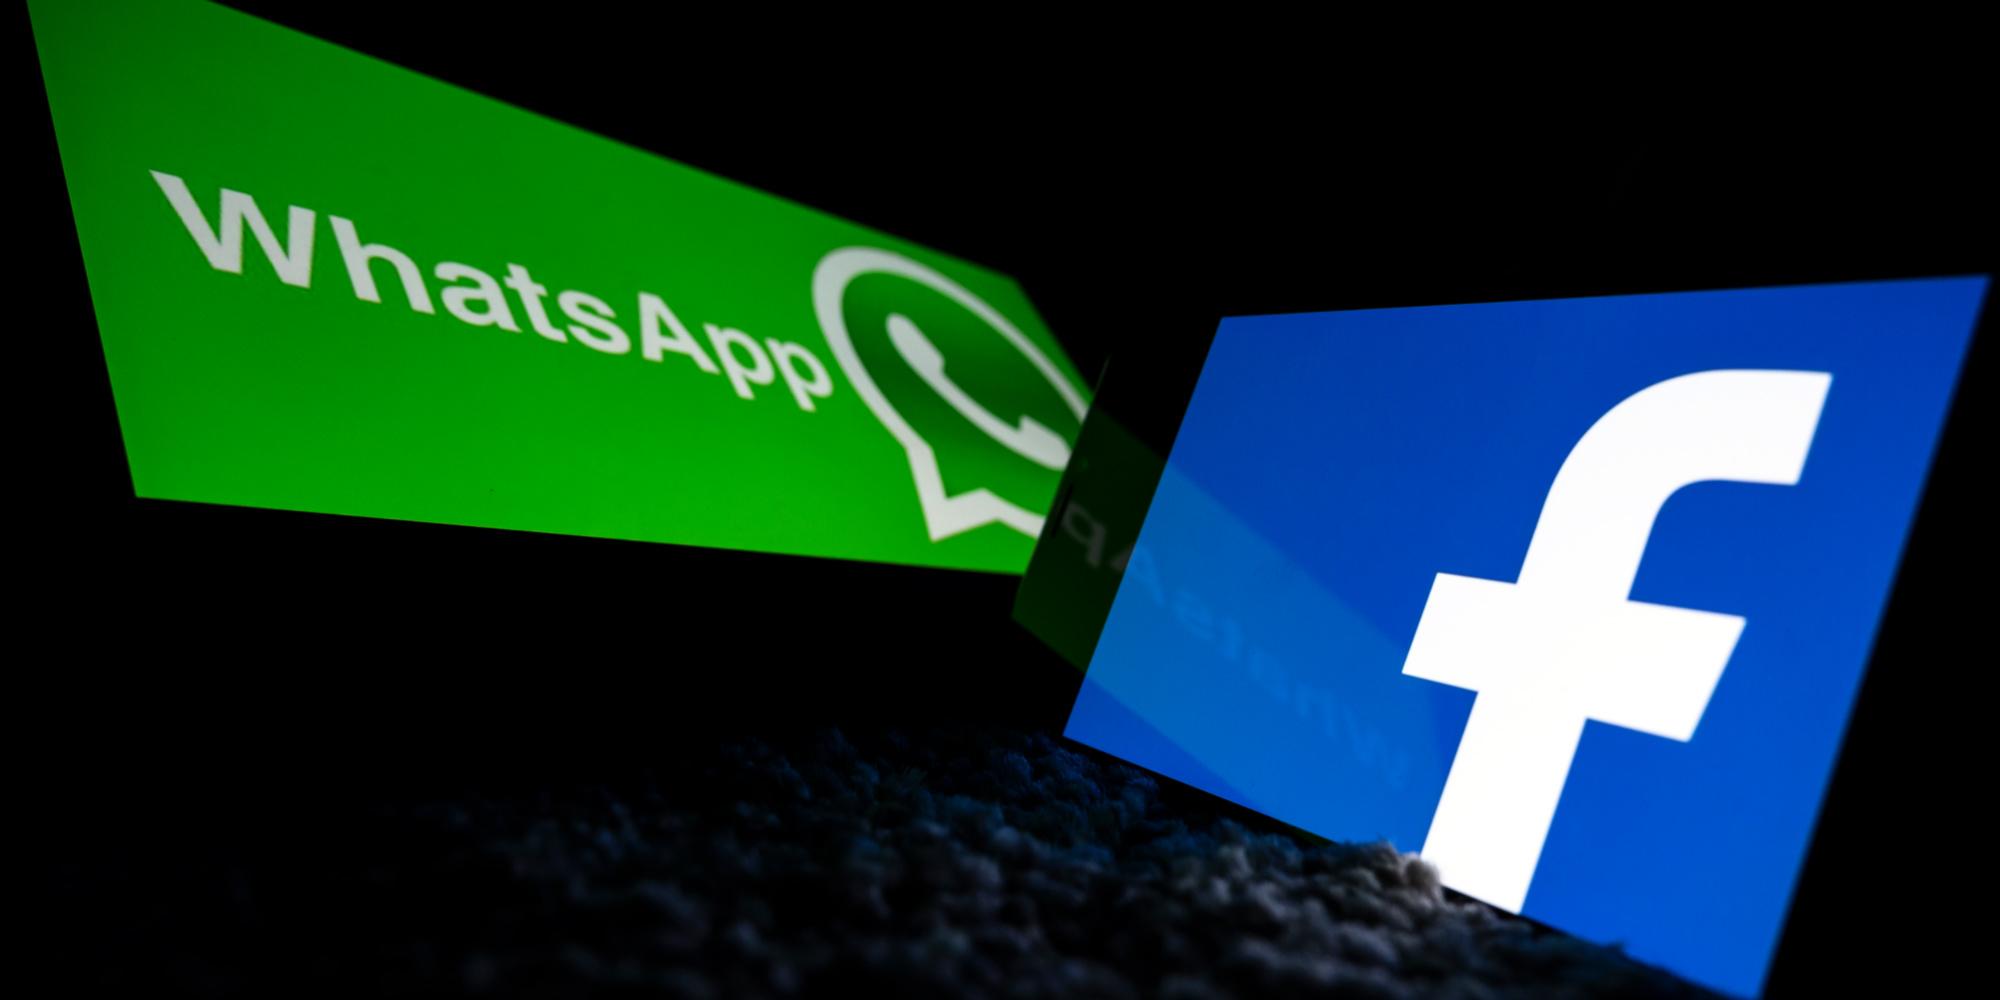 WhatsApp veut partager plus de données avec Facebook, inquiétude des  utilisateurs